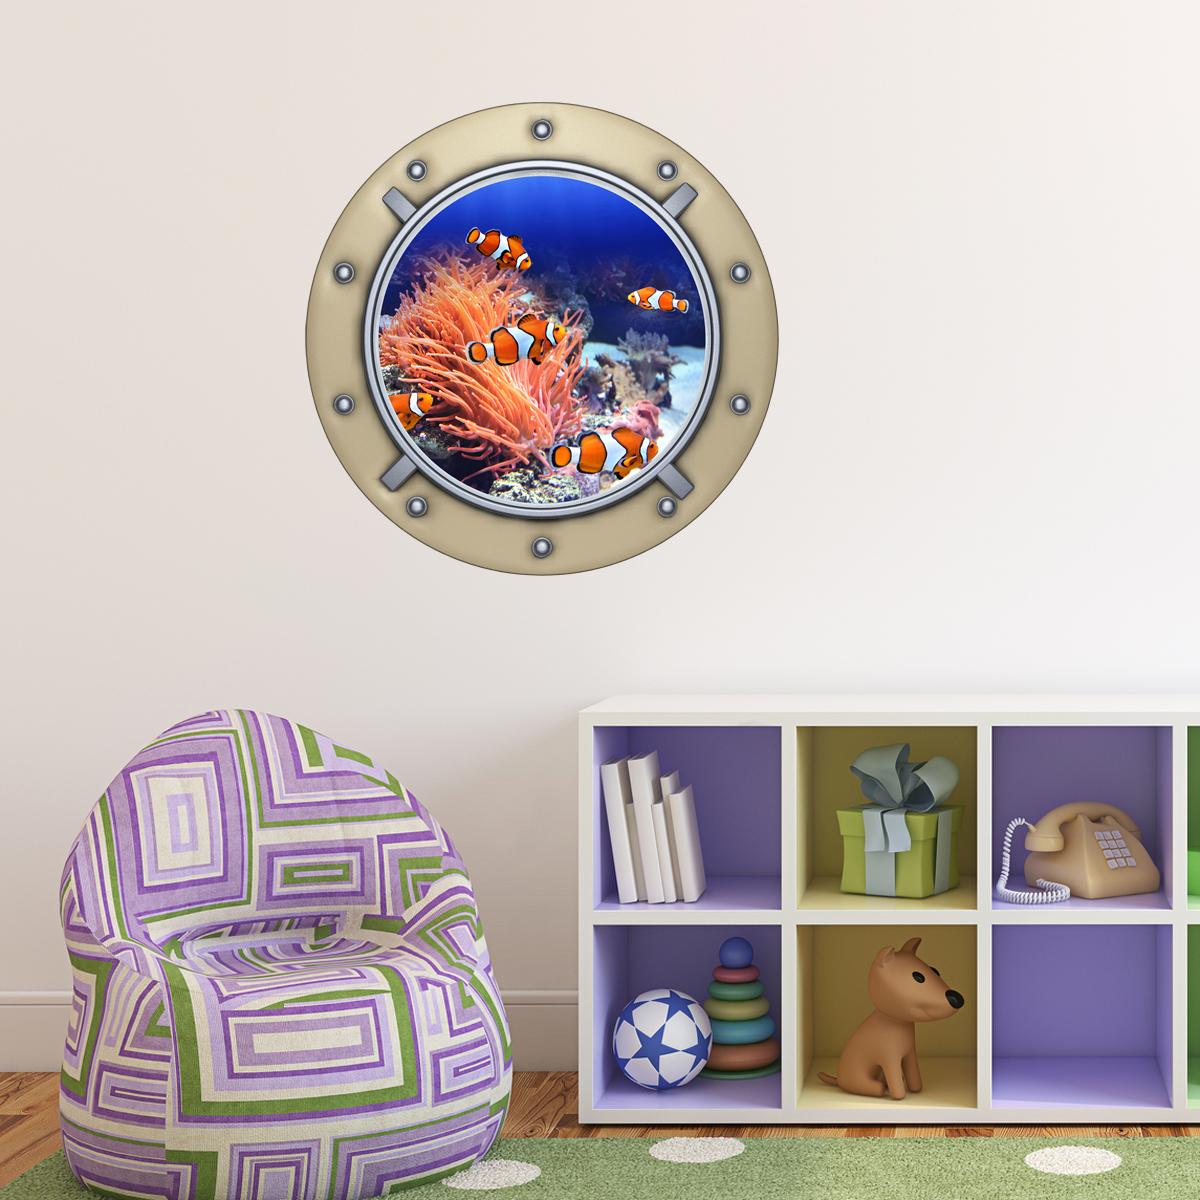 Sticker muraux trompe l 39 oeil sticker mural clowns poissons ambiance - Stickers muraux trompe l oeil ...